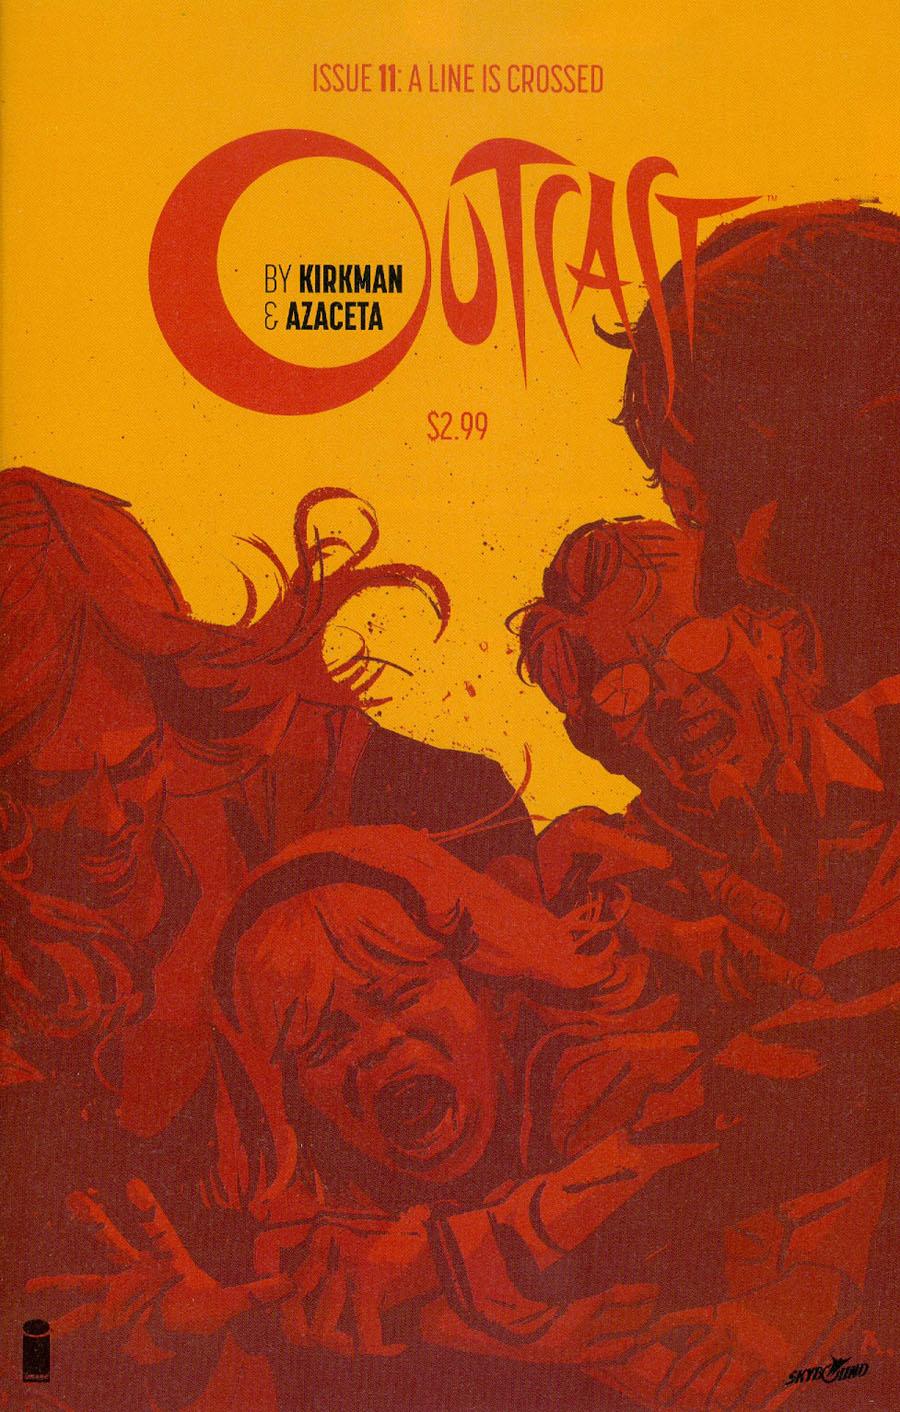 Outcast By Kirkman & Azaceta #11